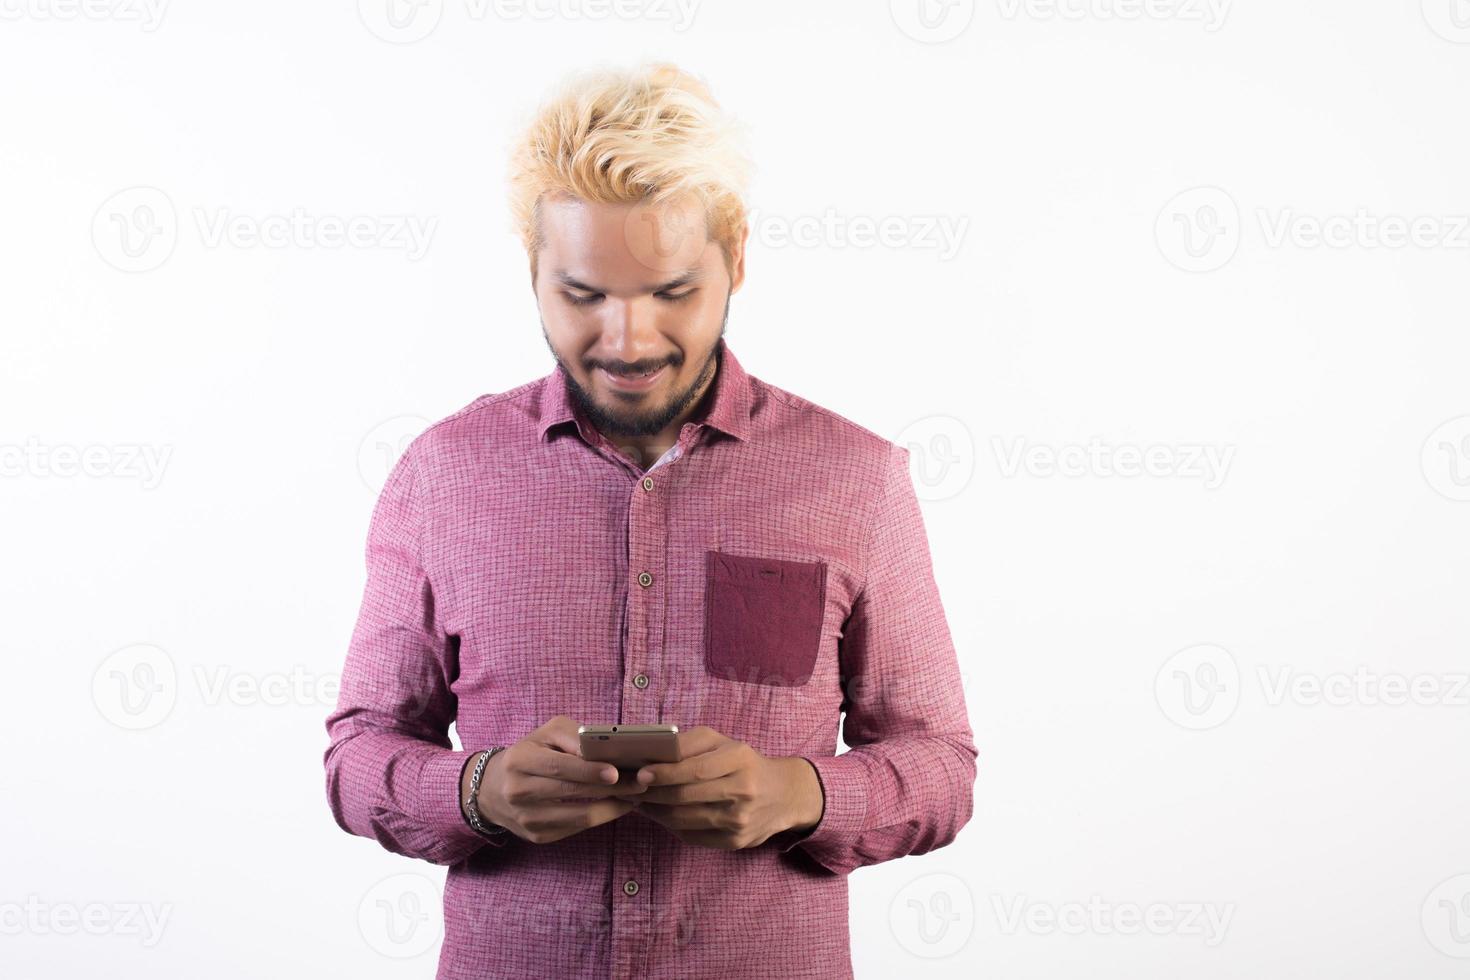 Retrato de hombre guapo con barba hipster de pie con smartphone foto